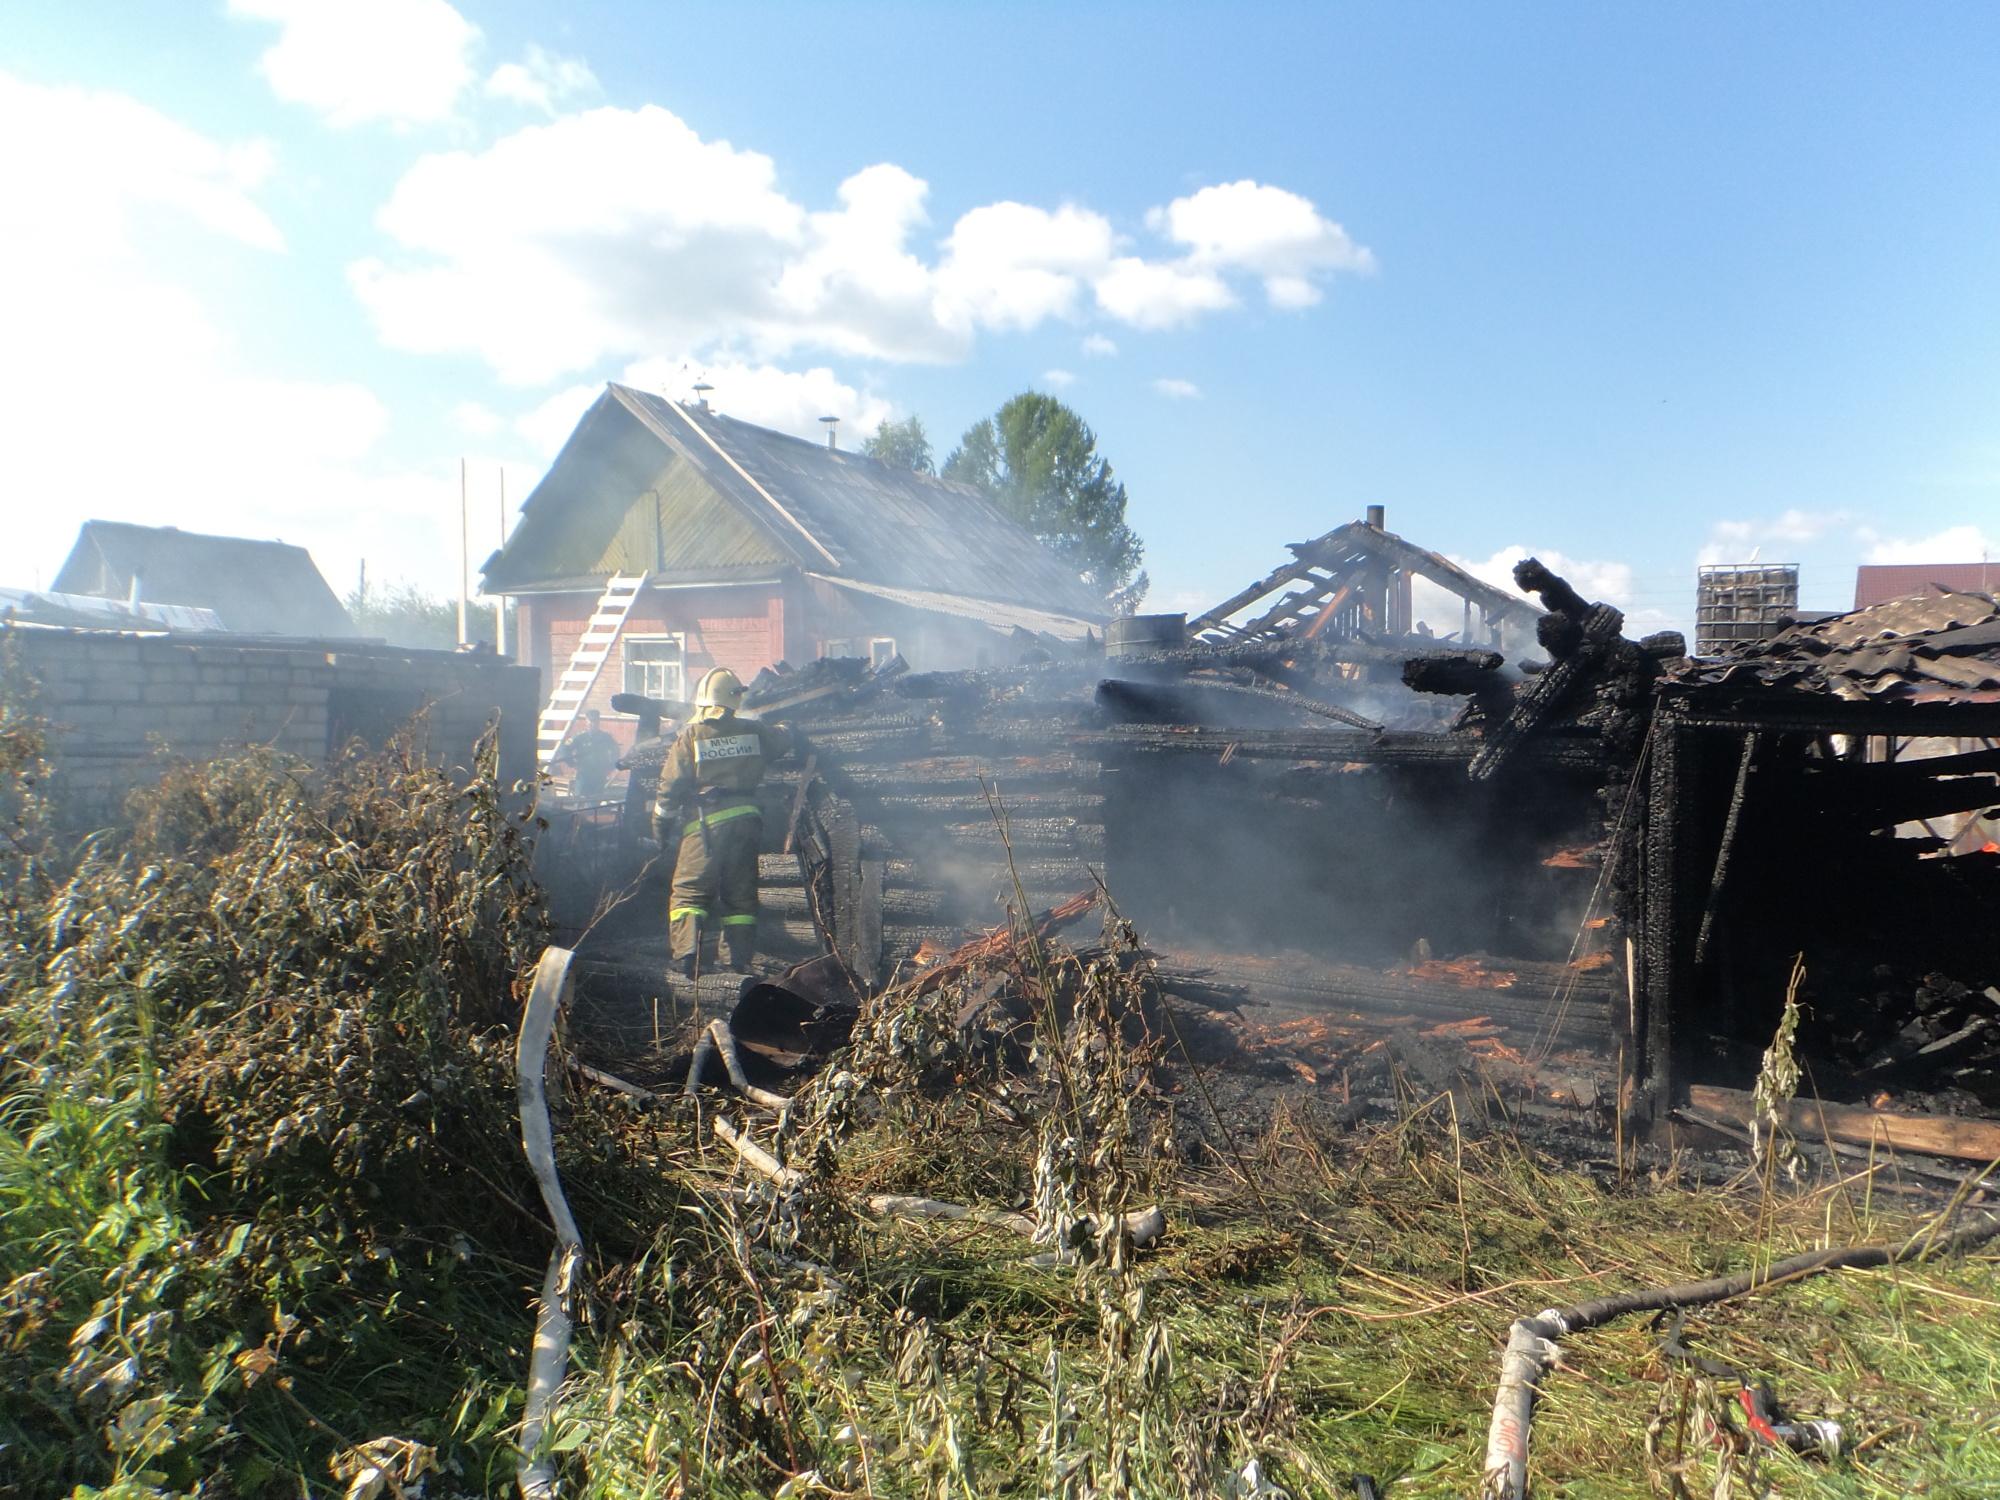 Пожарно-спасательные подразделения ликвидировали пожар в Холмогорском районе Архангельской области